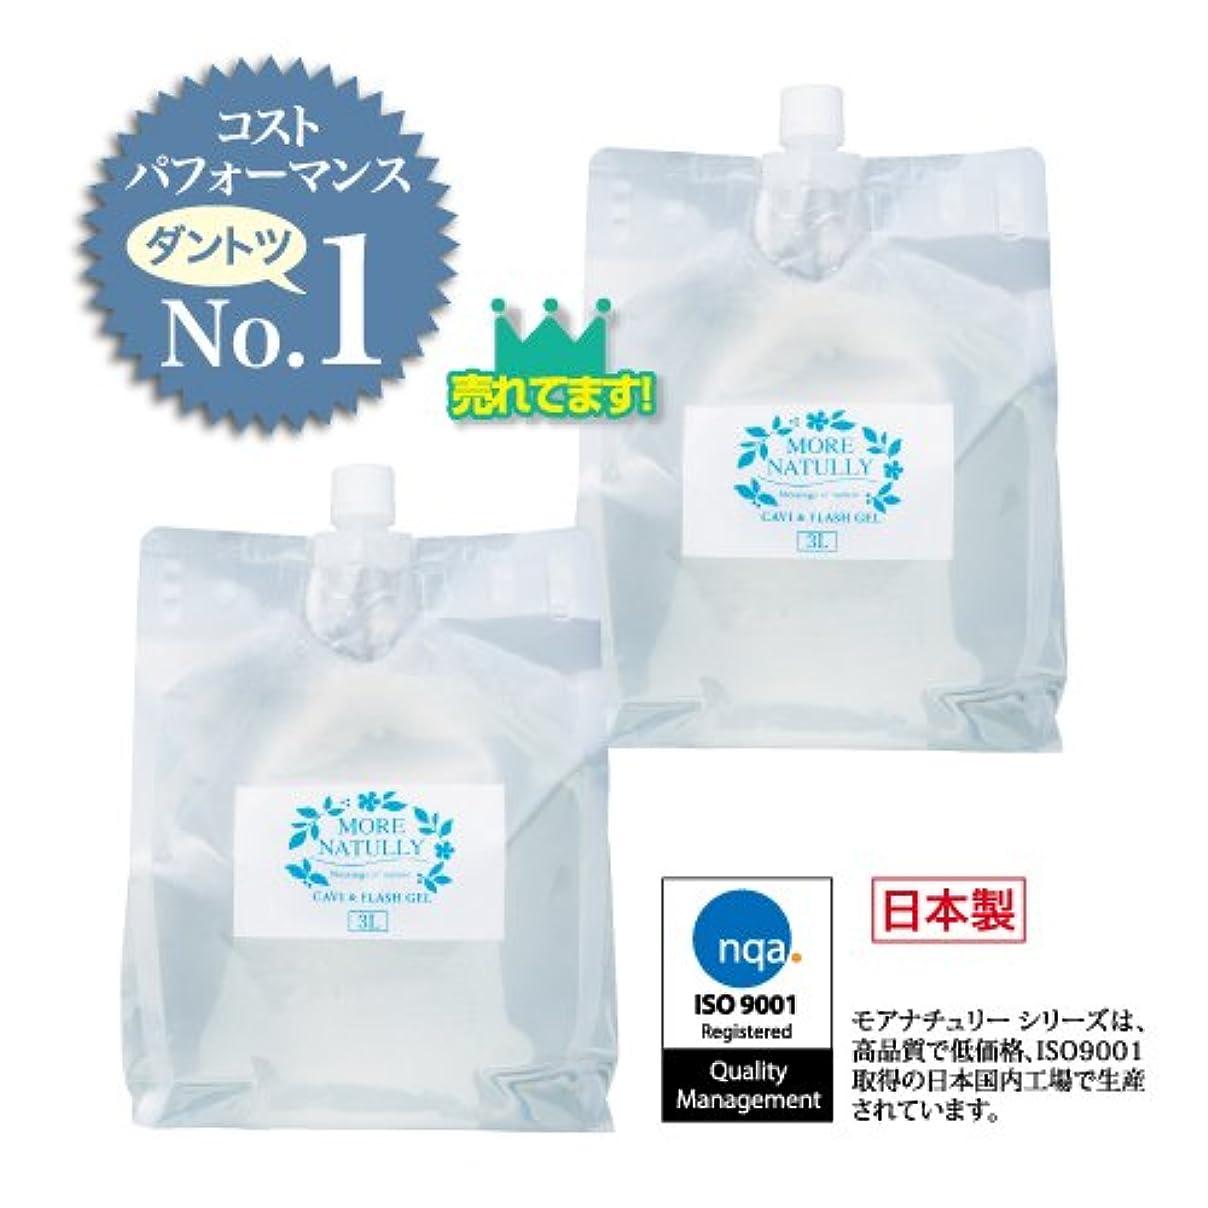 下位コロニアル満員モアナチュリー キャビ&フラッシュジェル 【ソフト】3kg×2袋